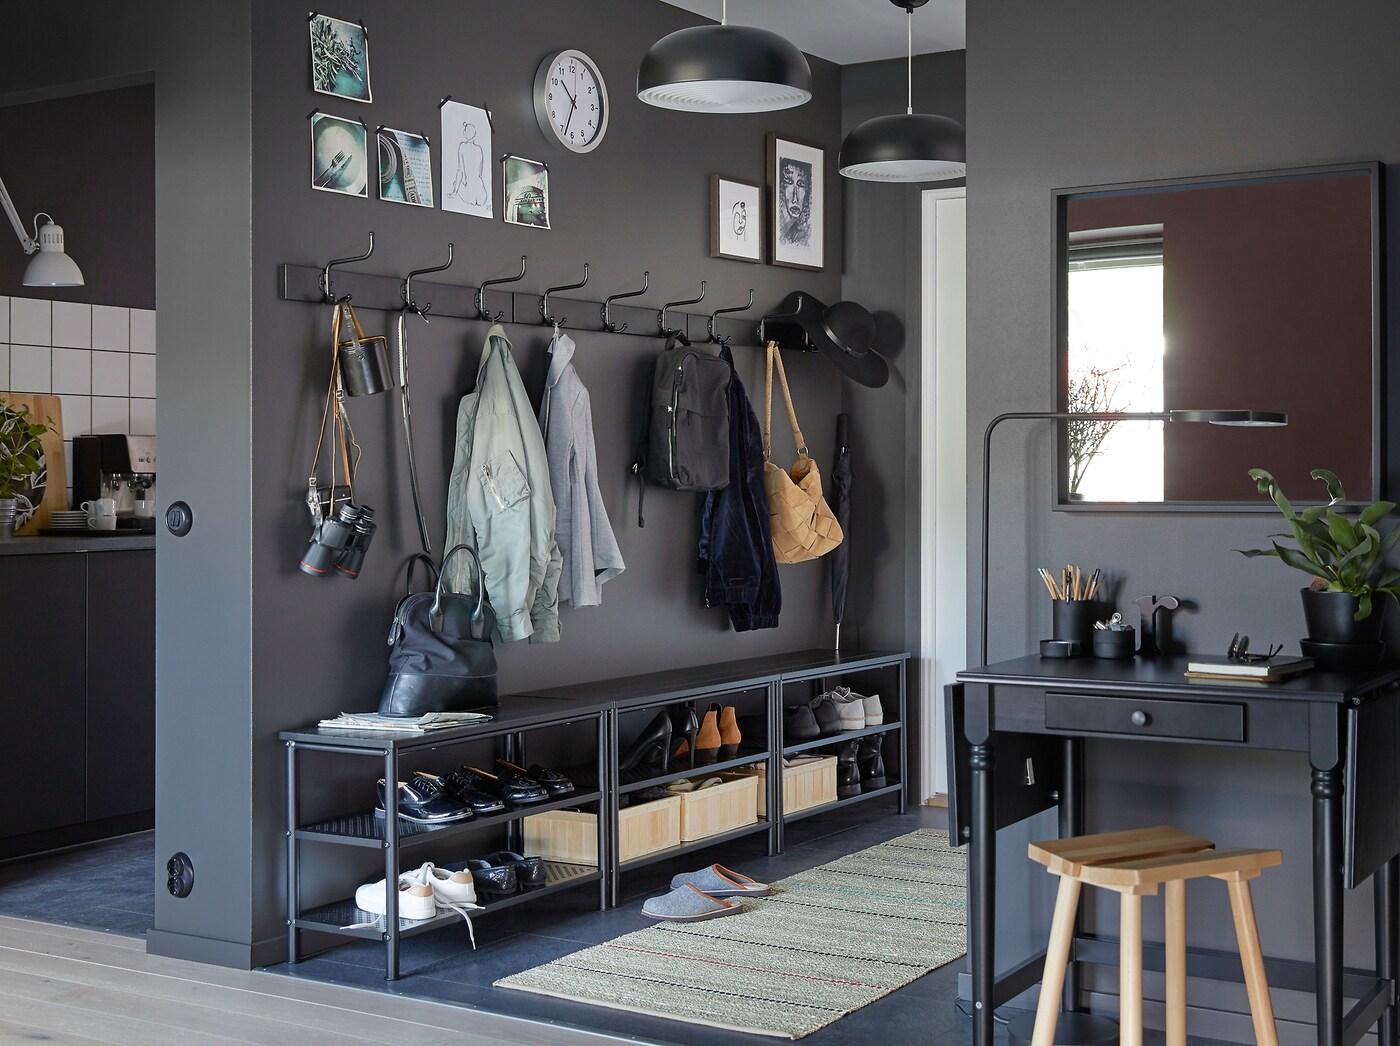 Combineer drie zwarte PINNIG schoenenrekken en drie PINNIG rekken met haken op een rij tegen een donkergrijze muur om veel opbergruimte te creëren in een smalle hal